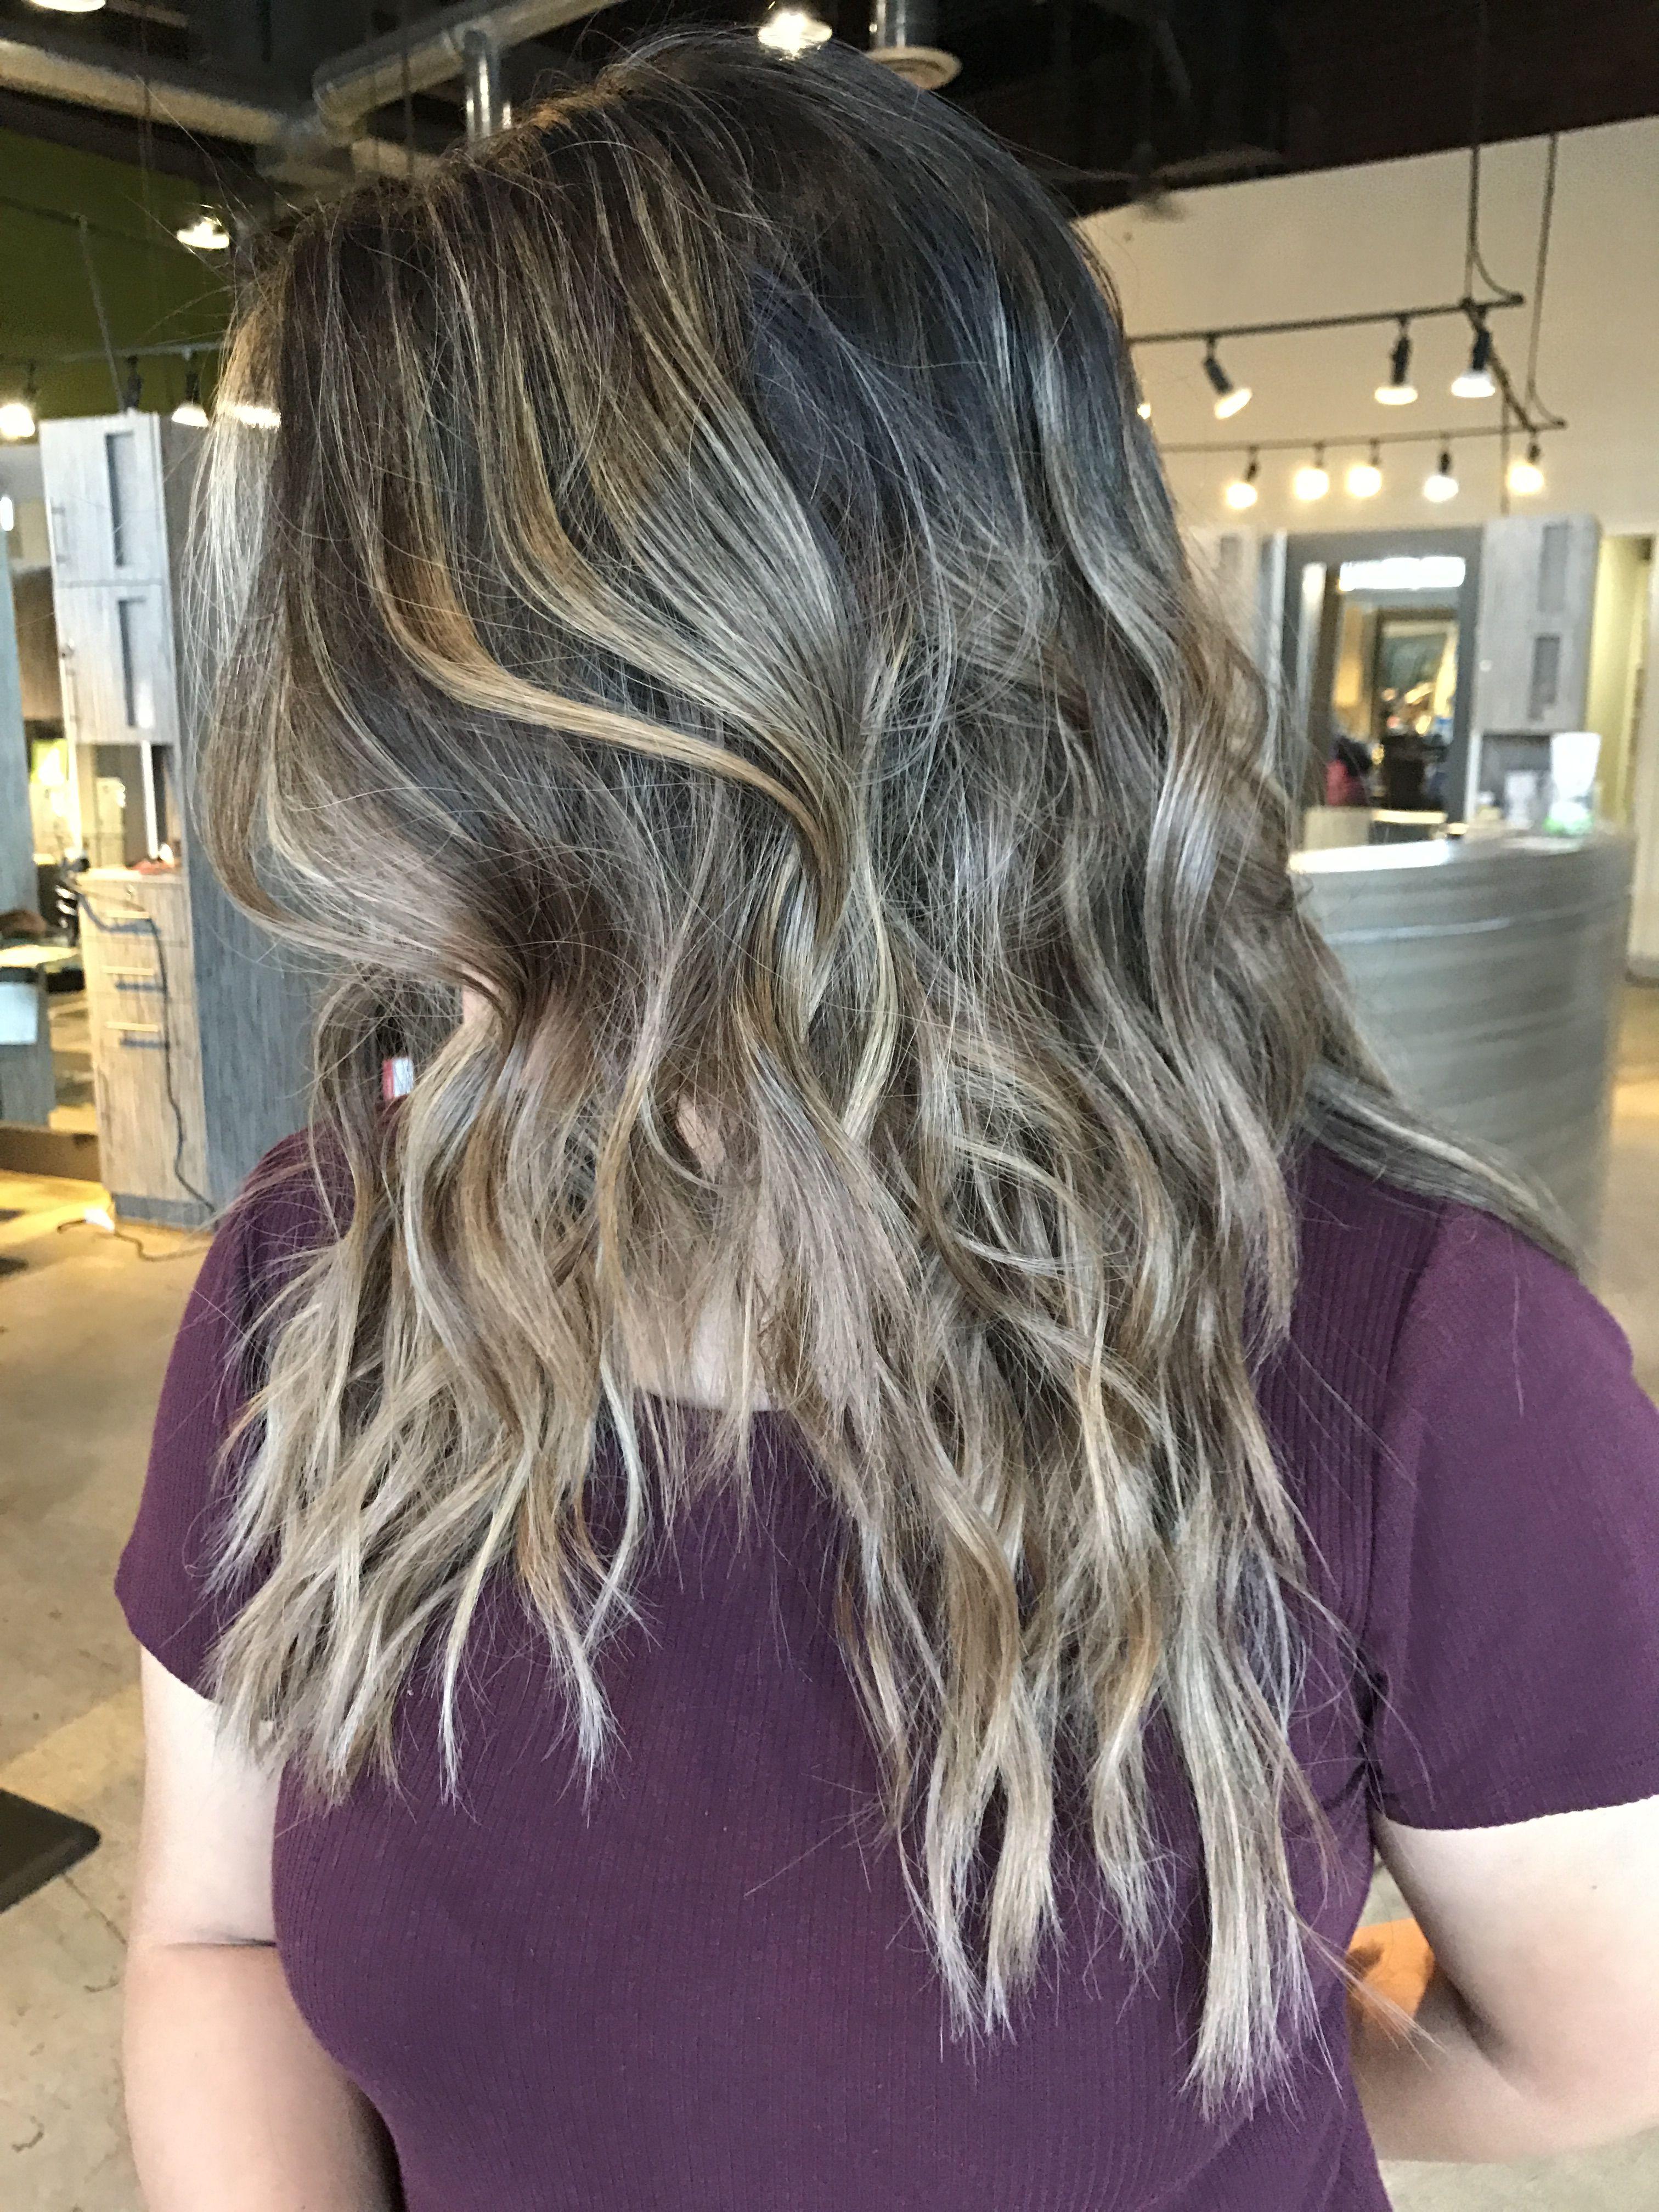 Hairstyles Haircuts Haircolor Cute Tutorials Redken Hair Color Hair Color Formulas Redken Hair Products